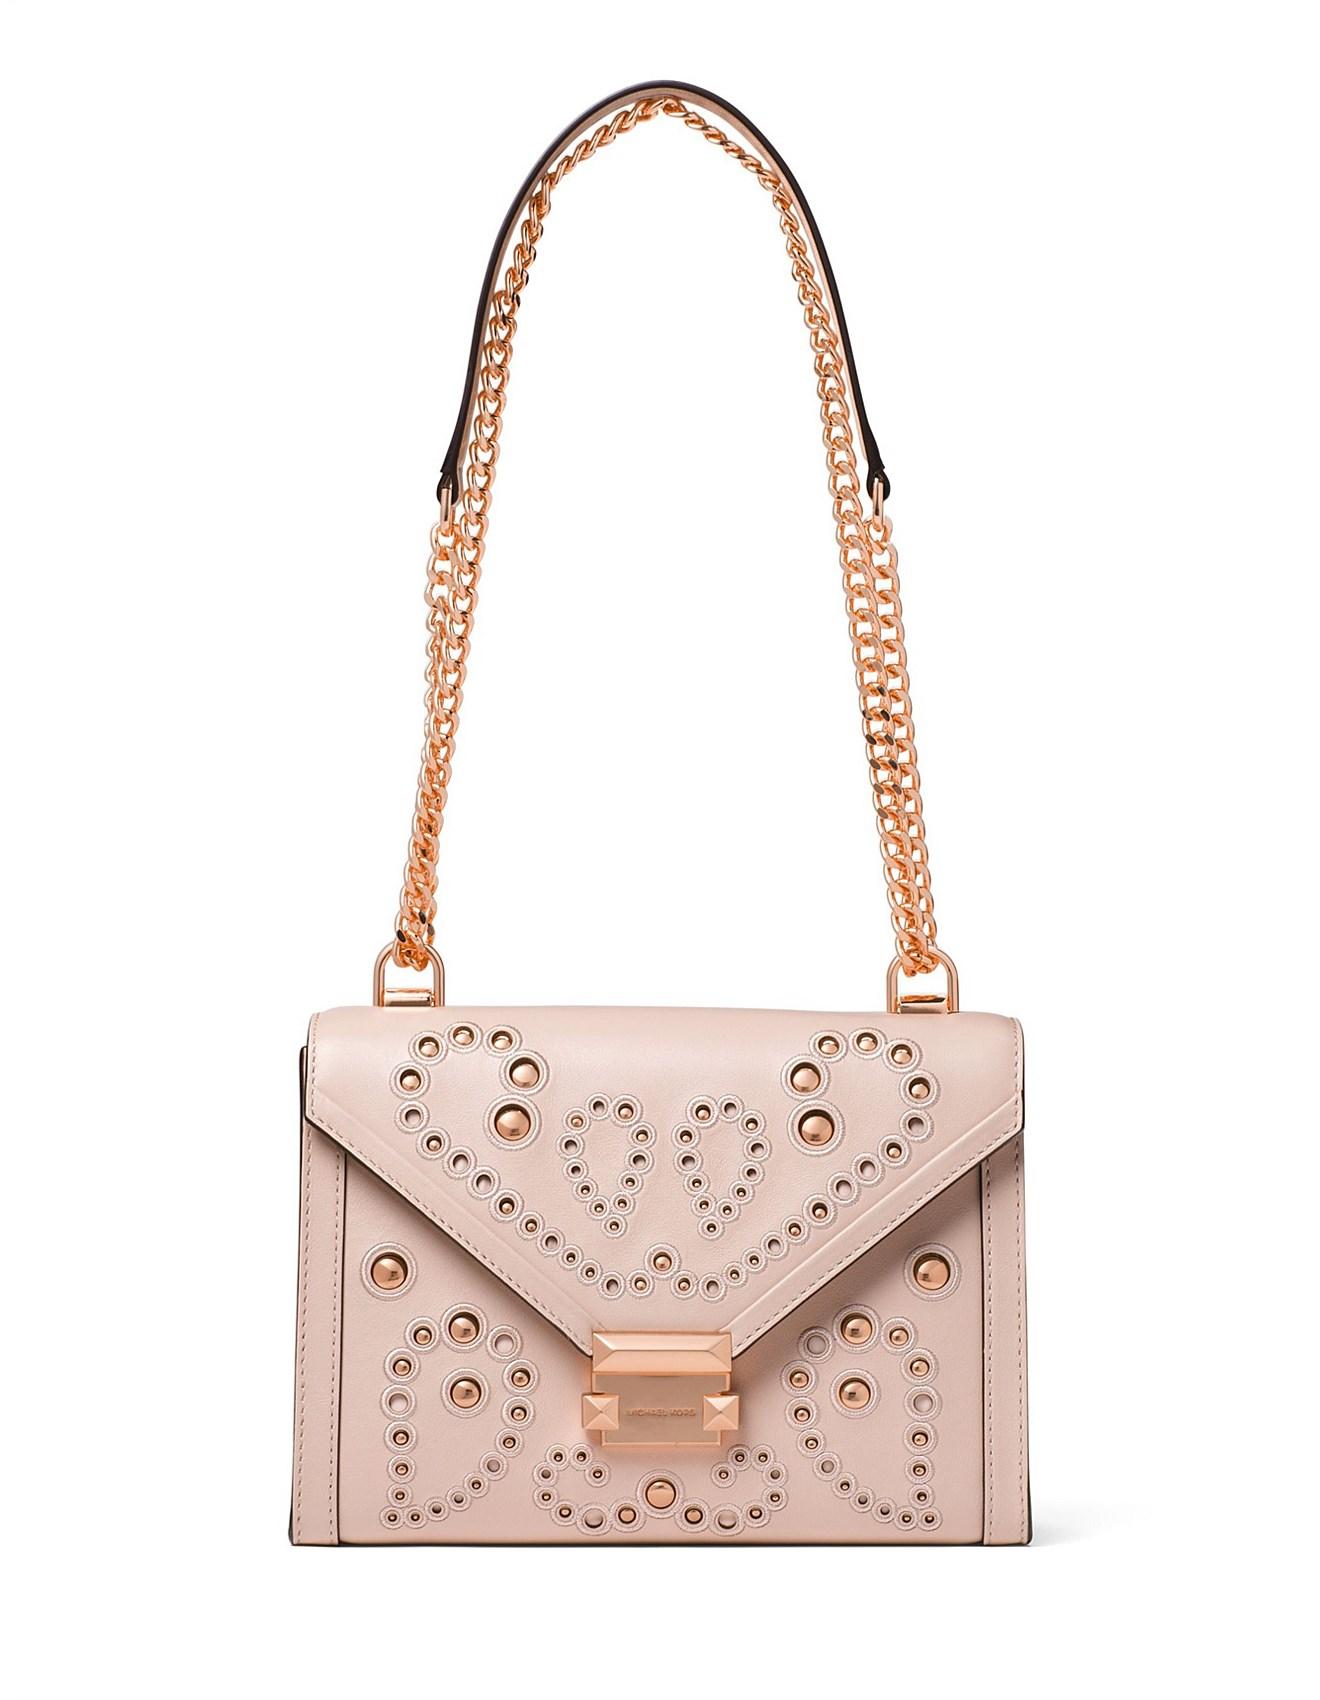 7c07ef9a2408 Whitney Large Embellished Leather Convertible Shoulder Bag. Zoom. Michael  Kors